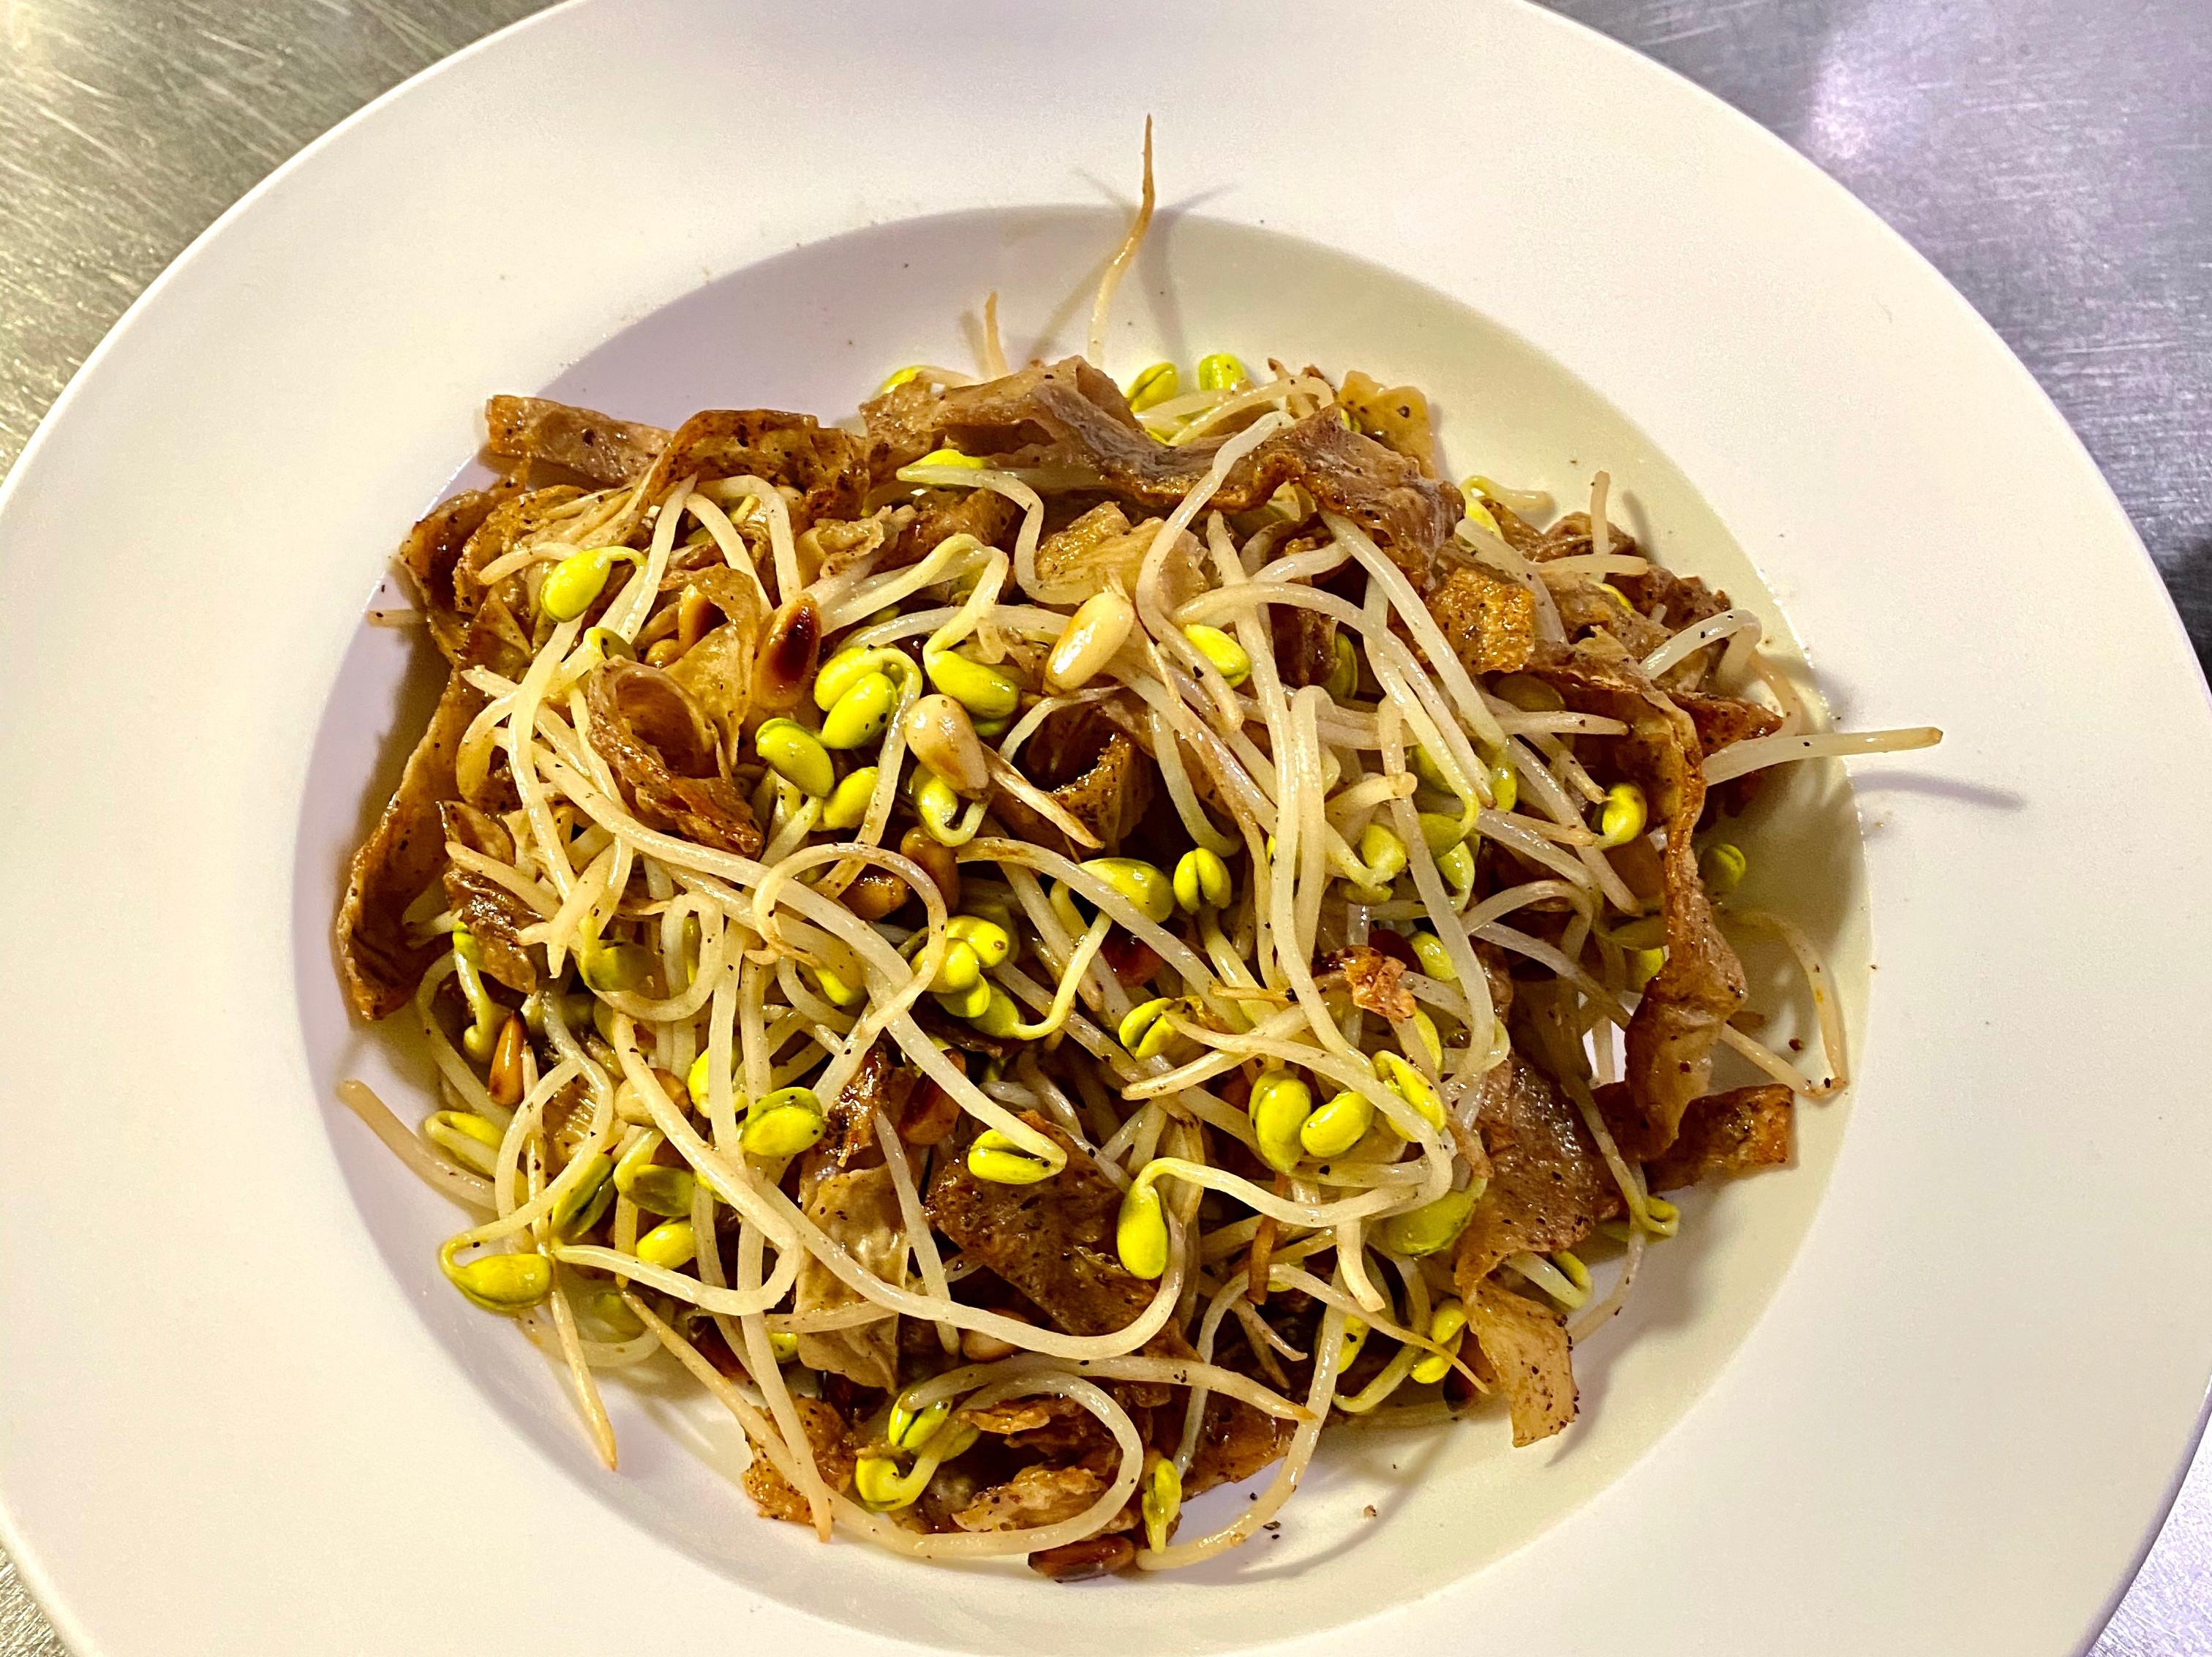 素食黑胡椒香草豆皮炒豆芽